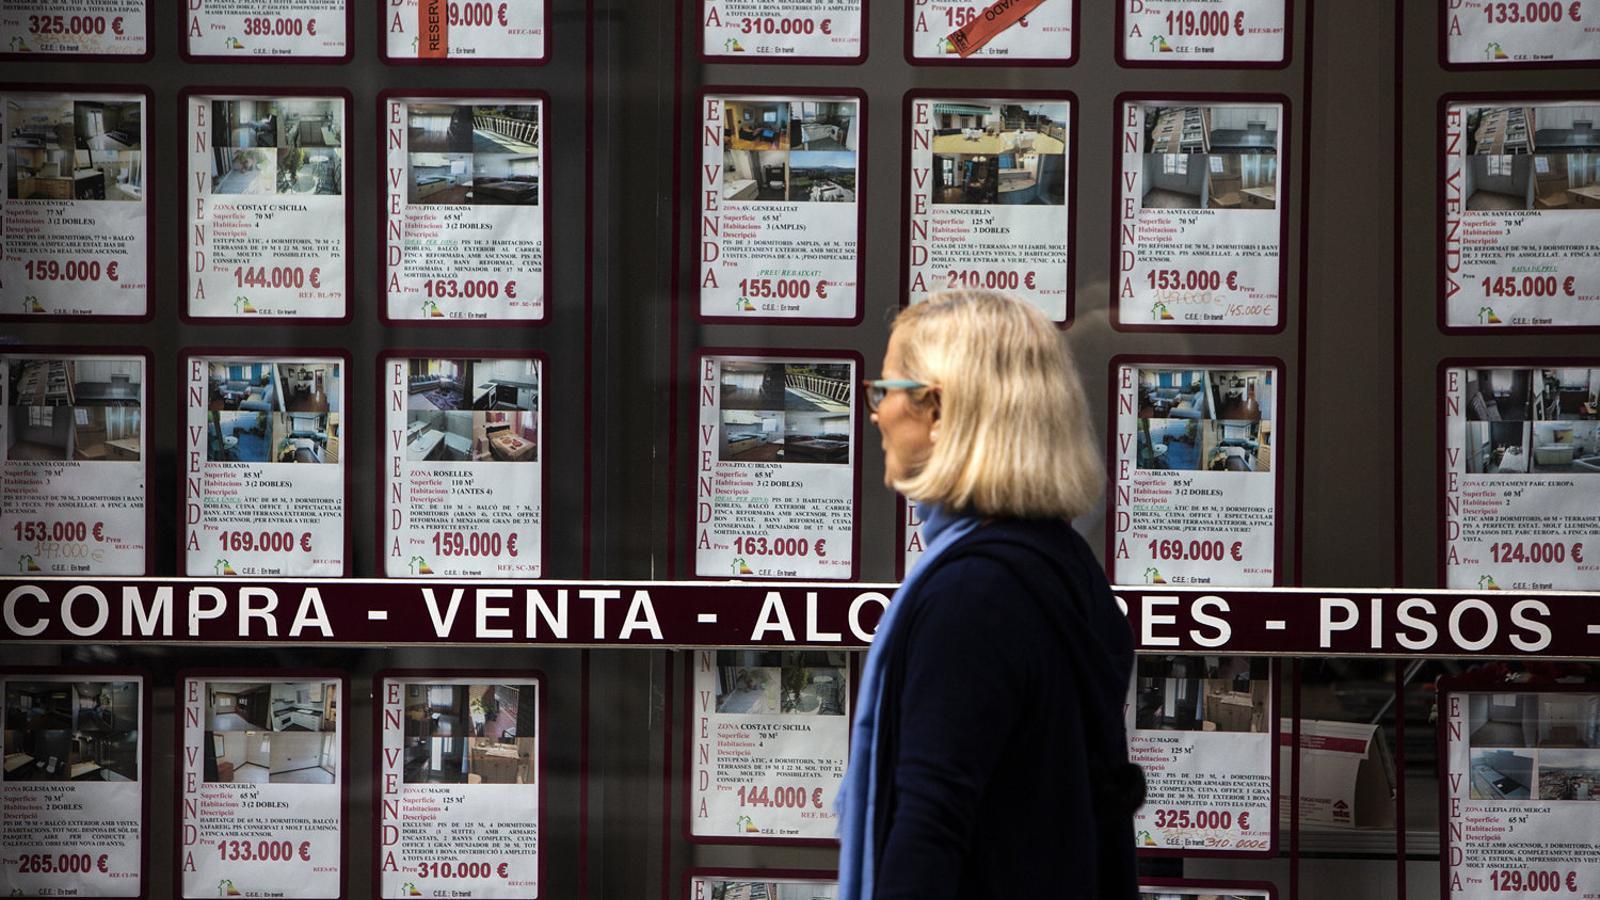 El preu dels pisos cau perquè les famílies no poden pagar més